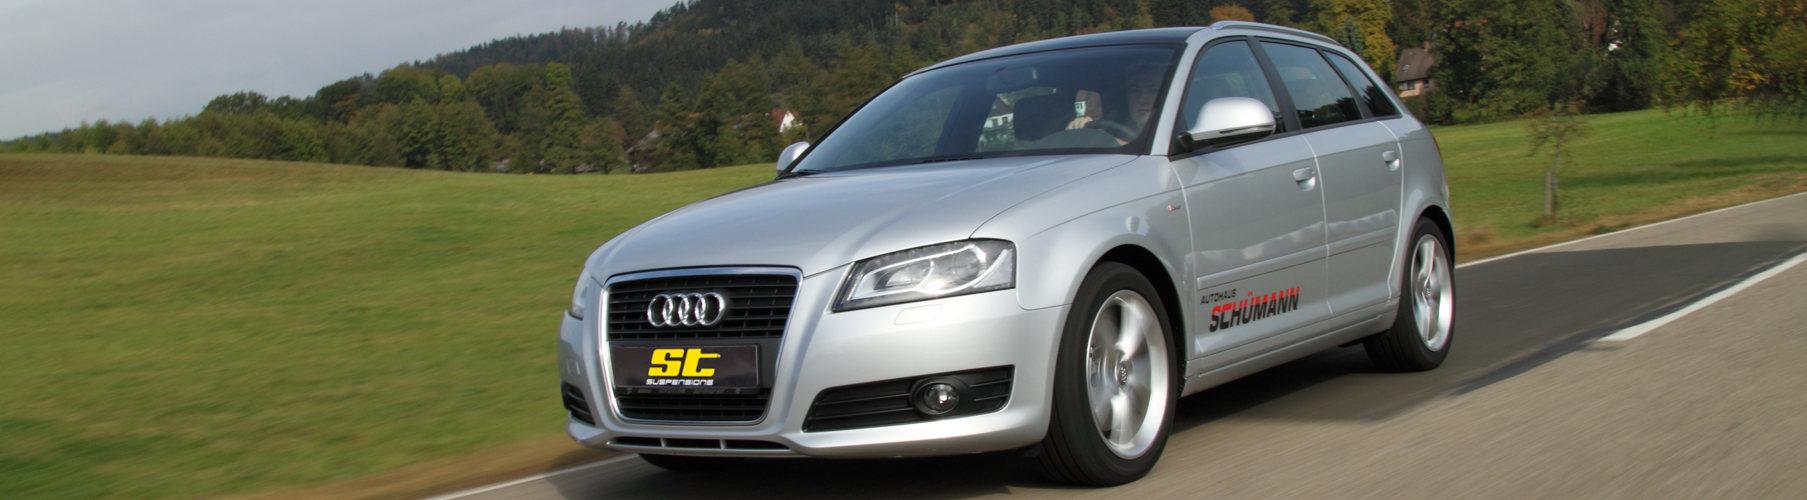 Ob für Audi A3 Sportback (Fünftürer), Audi A3 Cabriolet, Audi A3 (Dreitürer) und für den Audi S3 sind die ST Gewindefahrwerke und ST Distanzscheiben lieferbar.